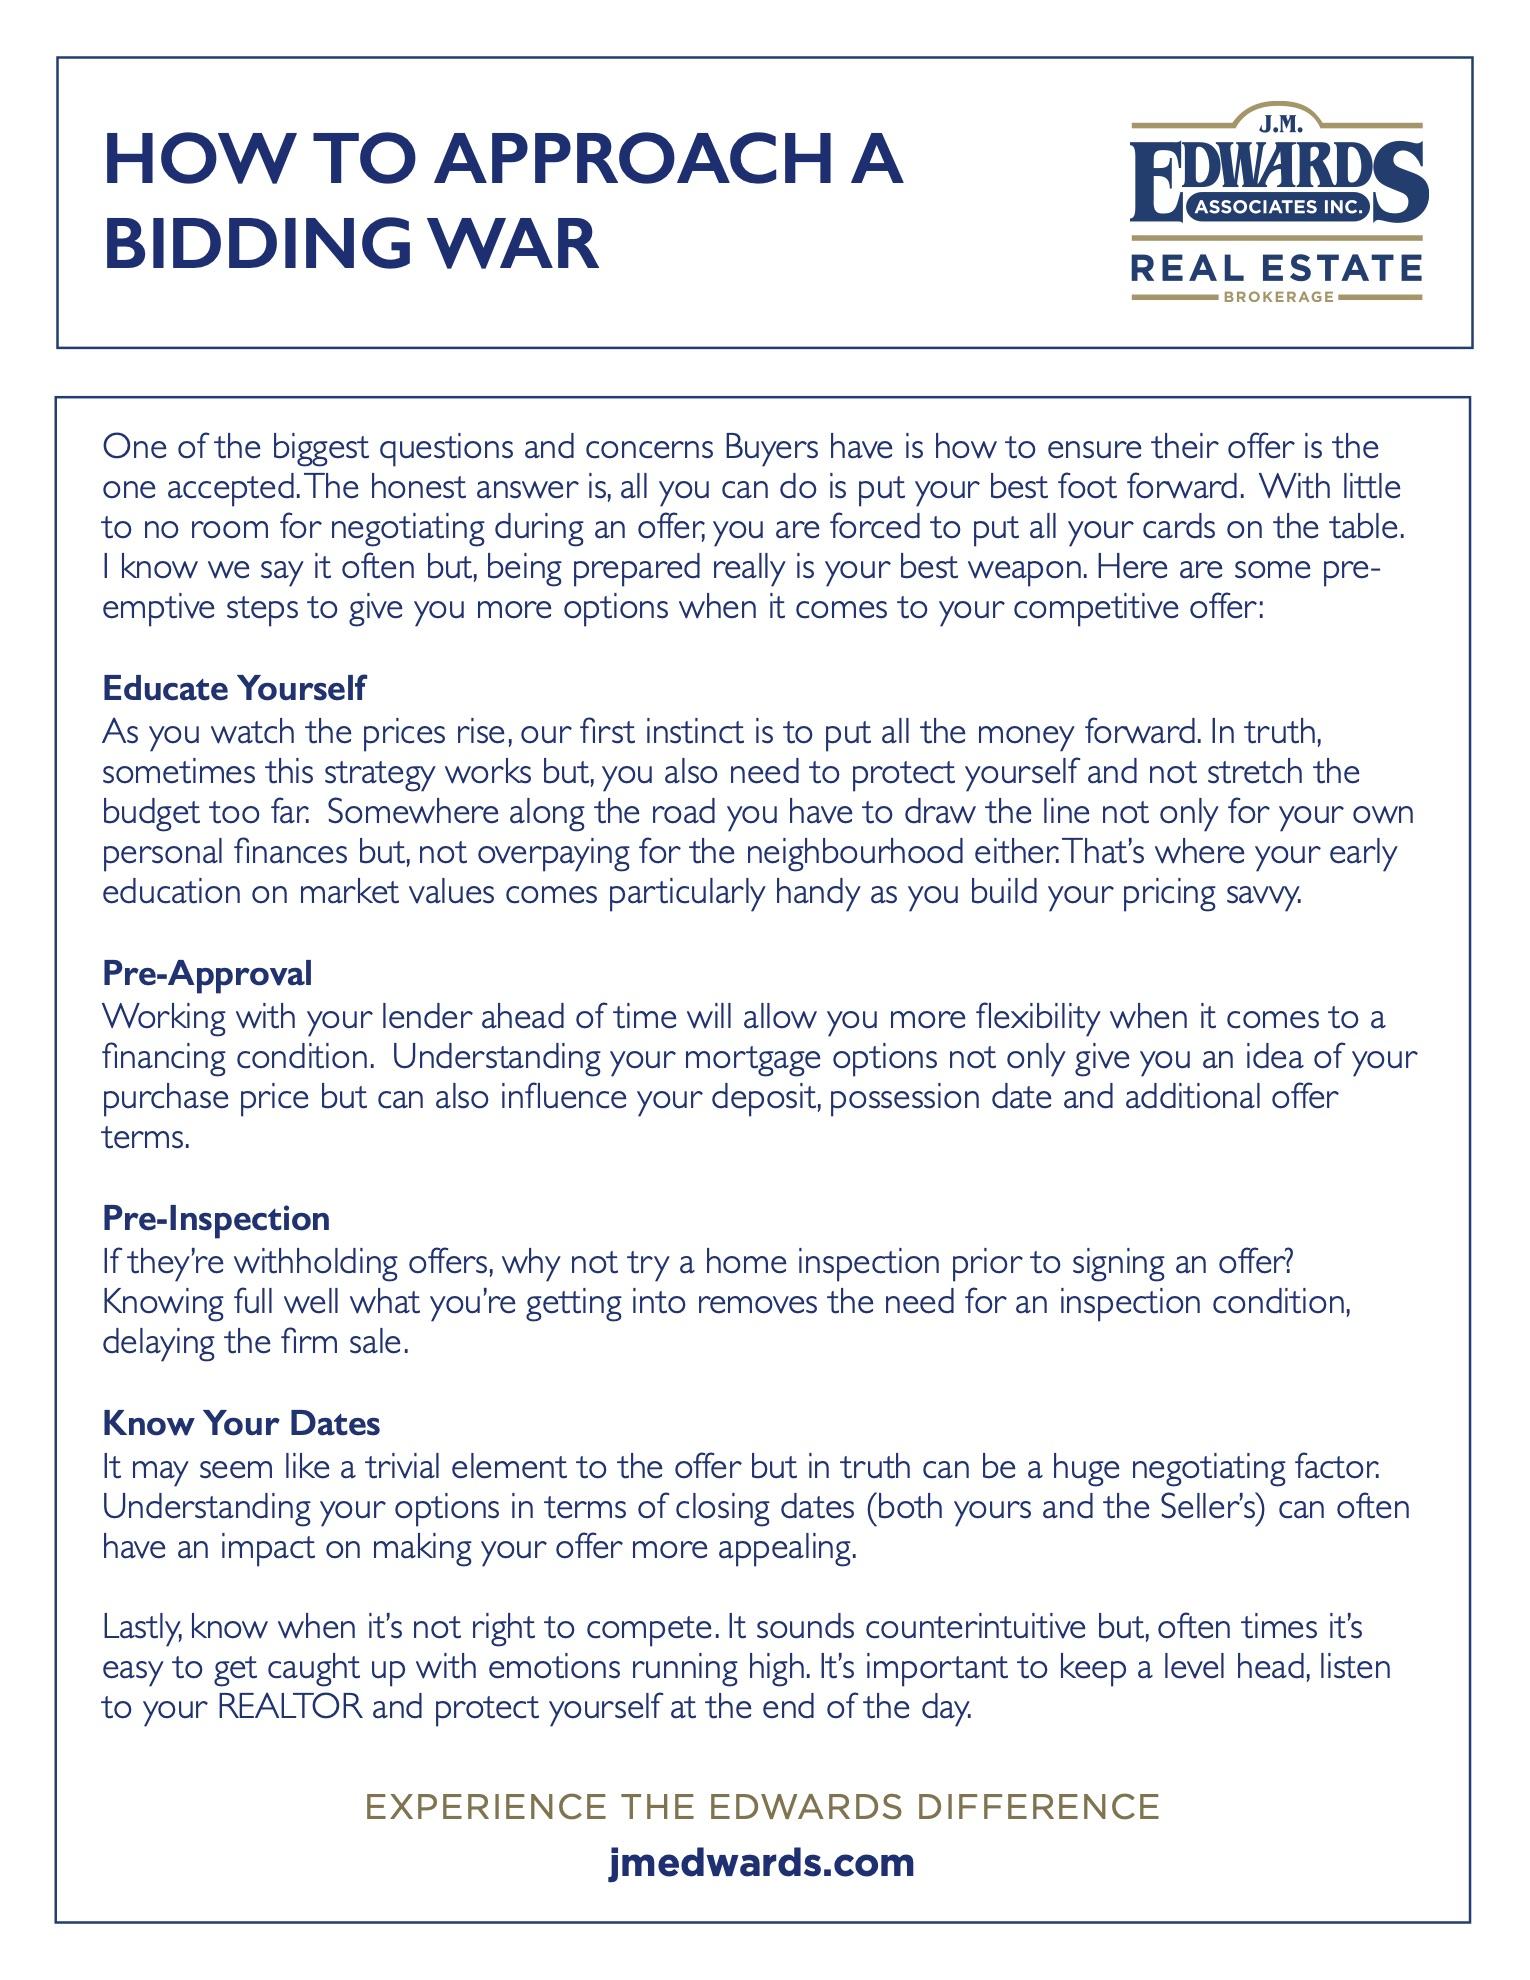 SUBMIT: MB06b - Bidding War.jpg